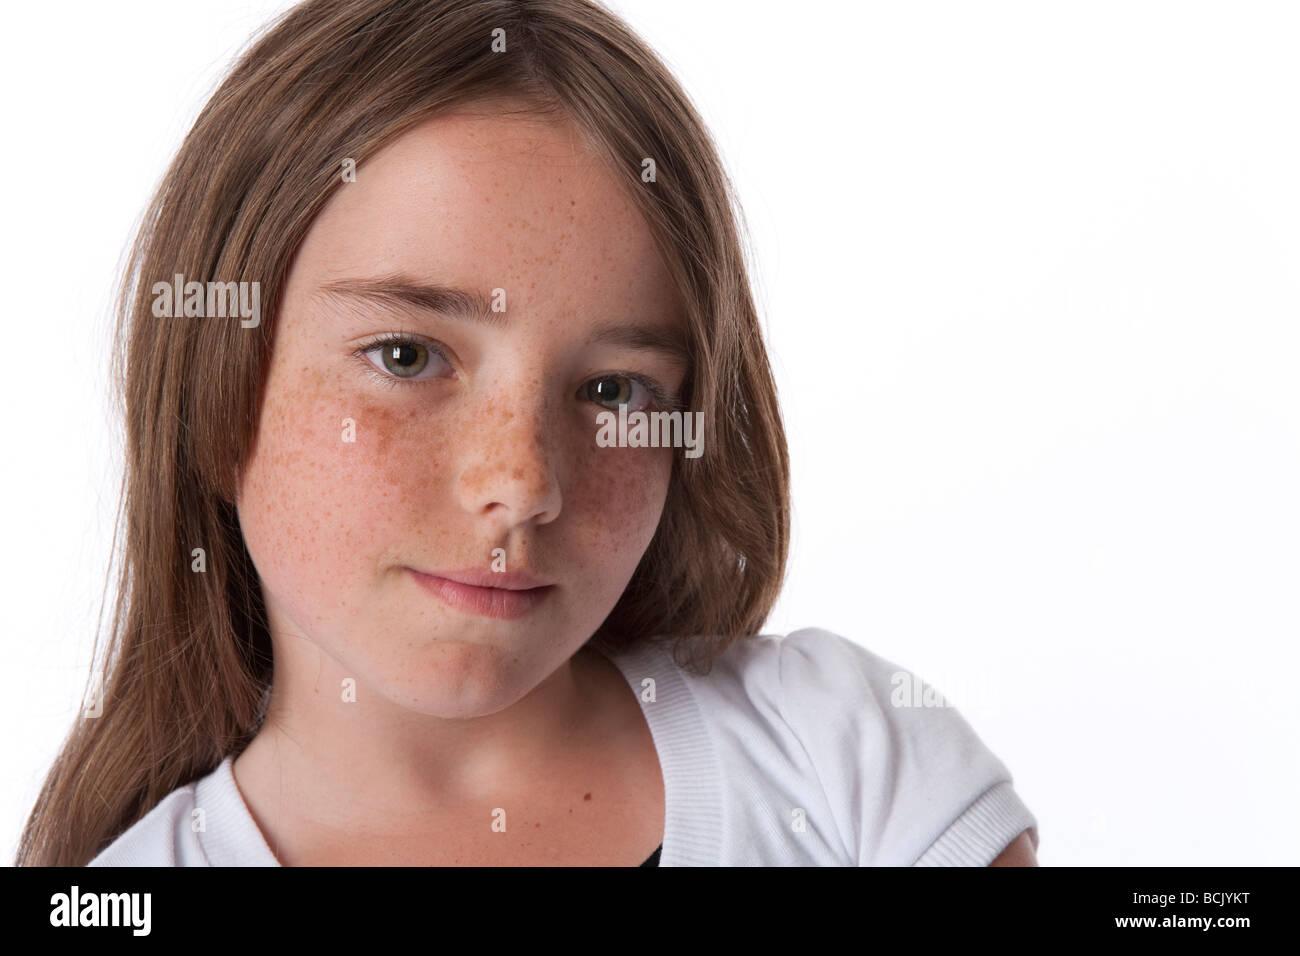 Portrait d'une jeune fille de 10 ans cool Photo Stock